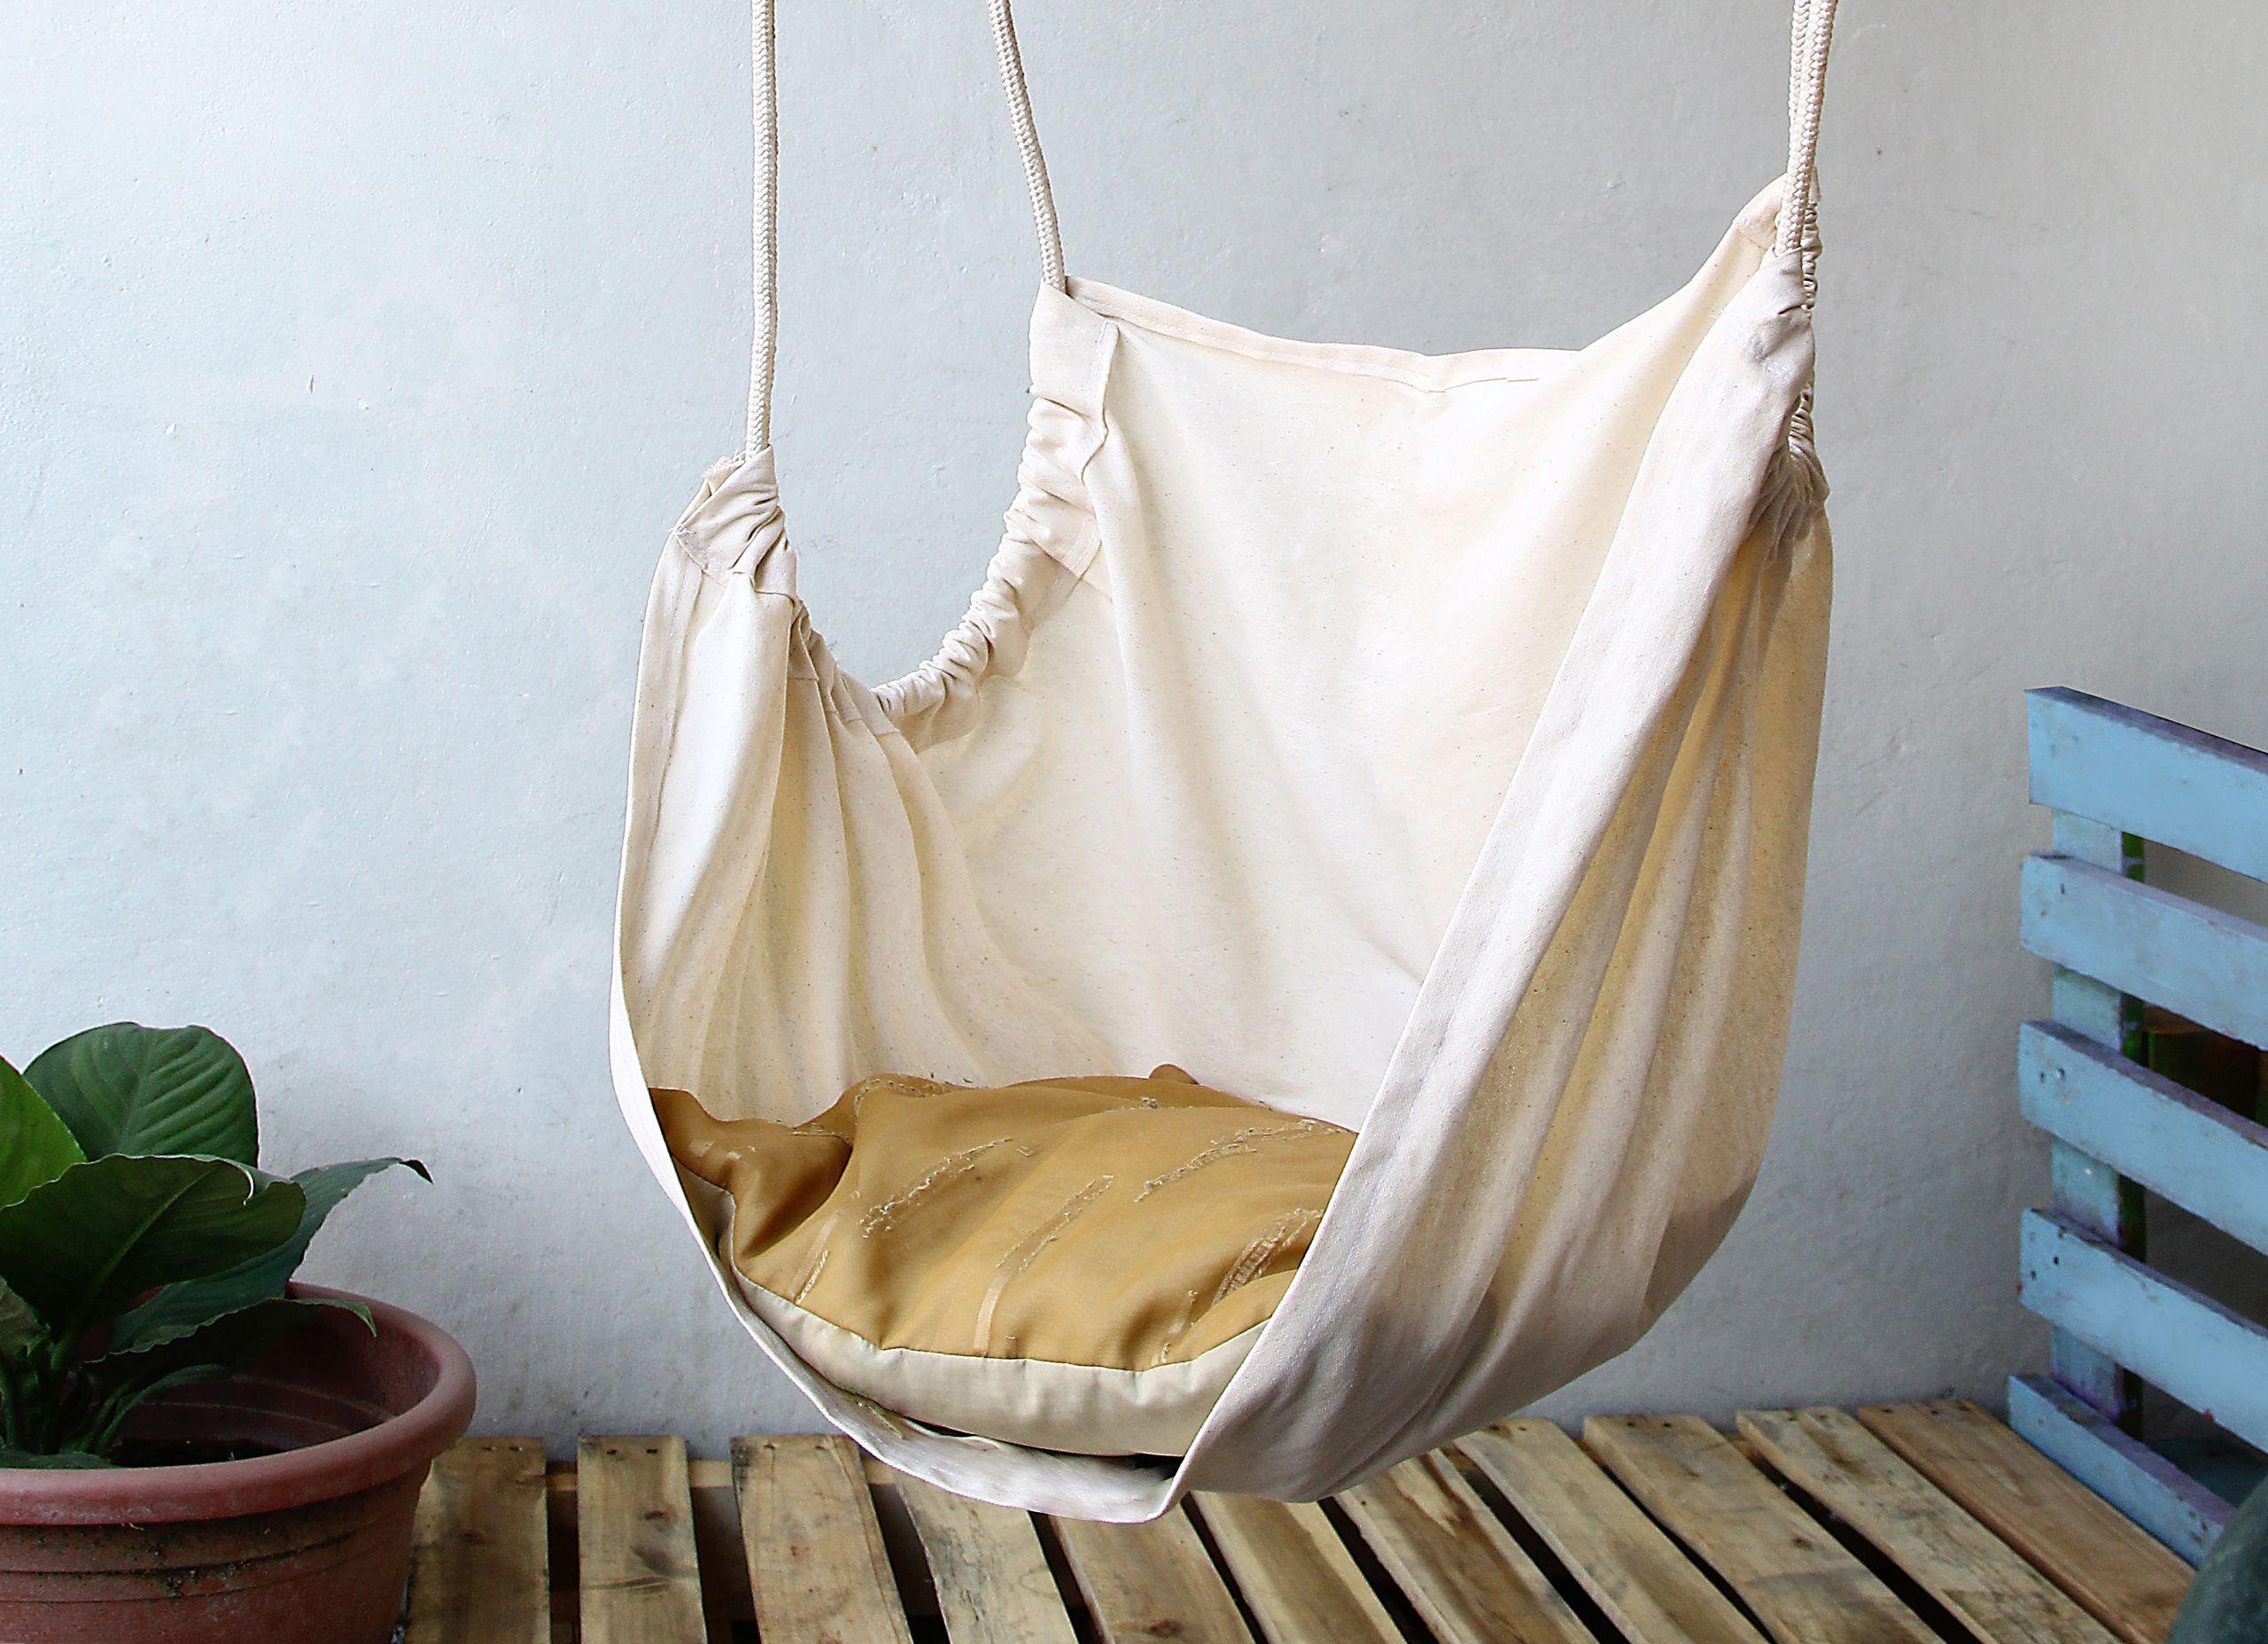 Make A Hammock Chair